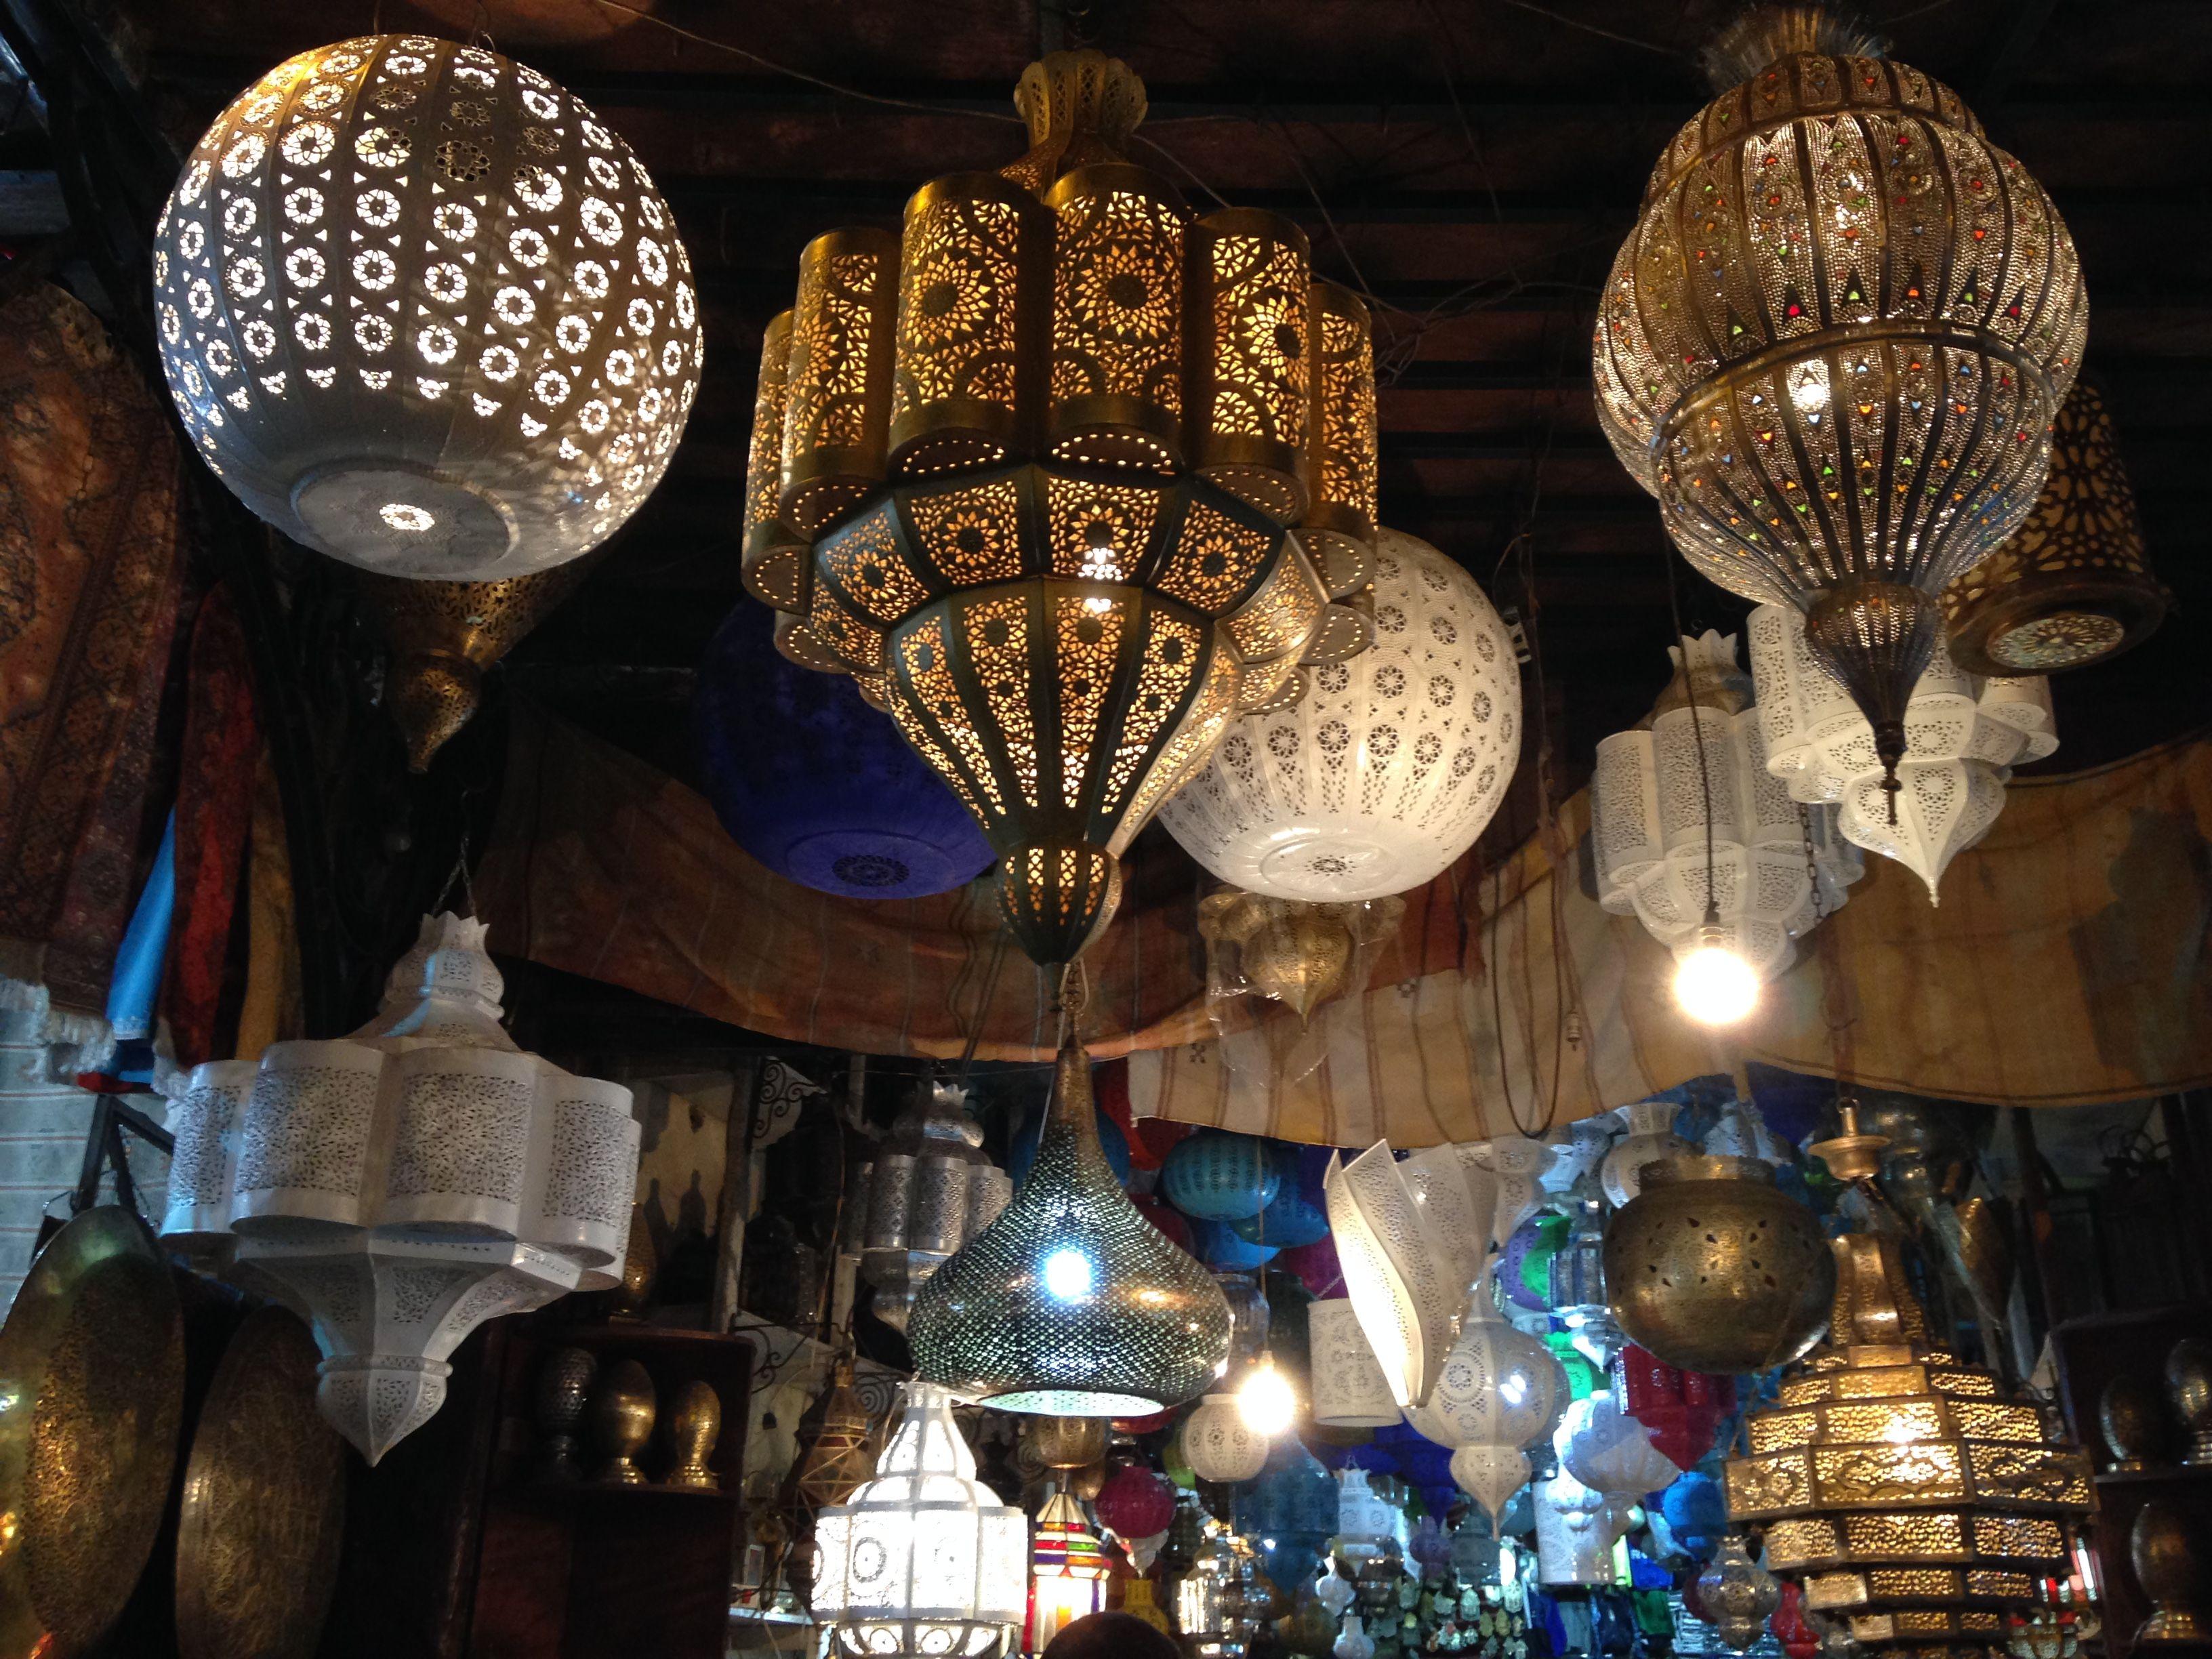 Tienda de lámparas